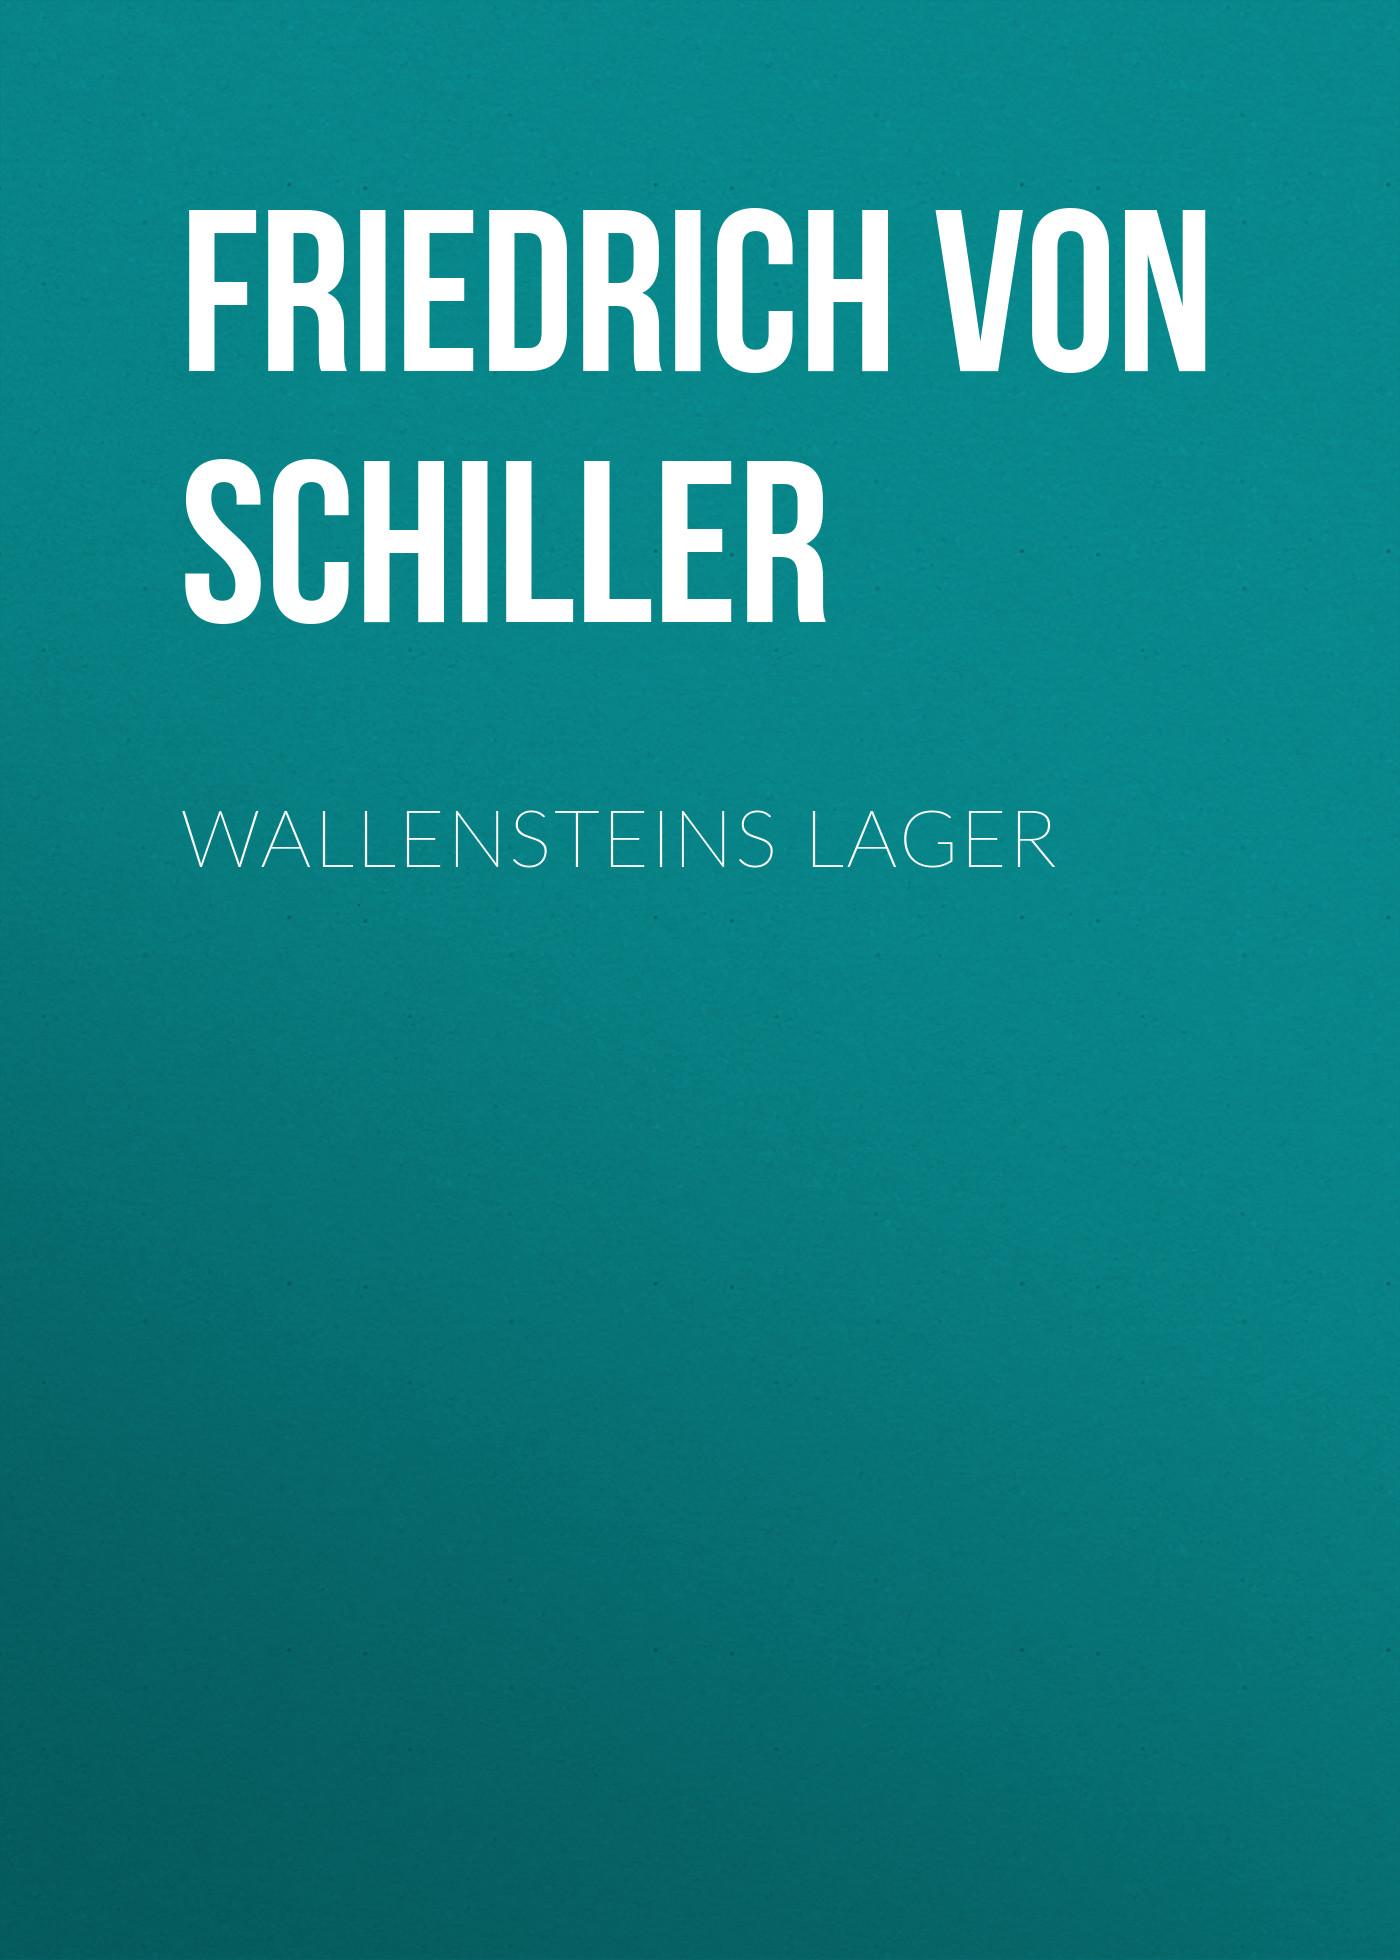 купить Friedrich von Schiller Wallensteins Lager недорого